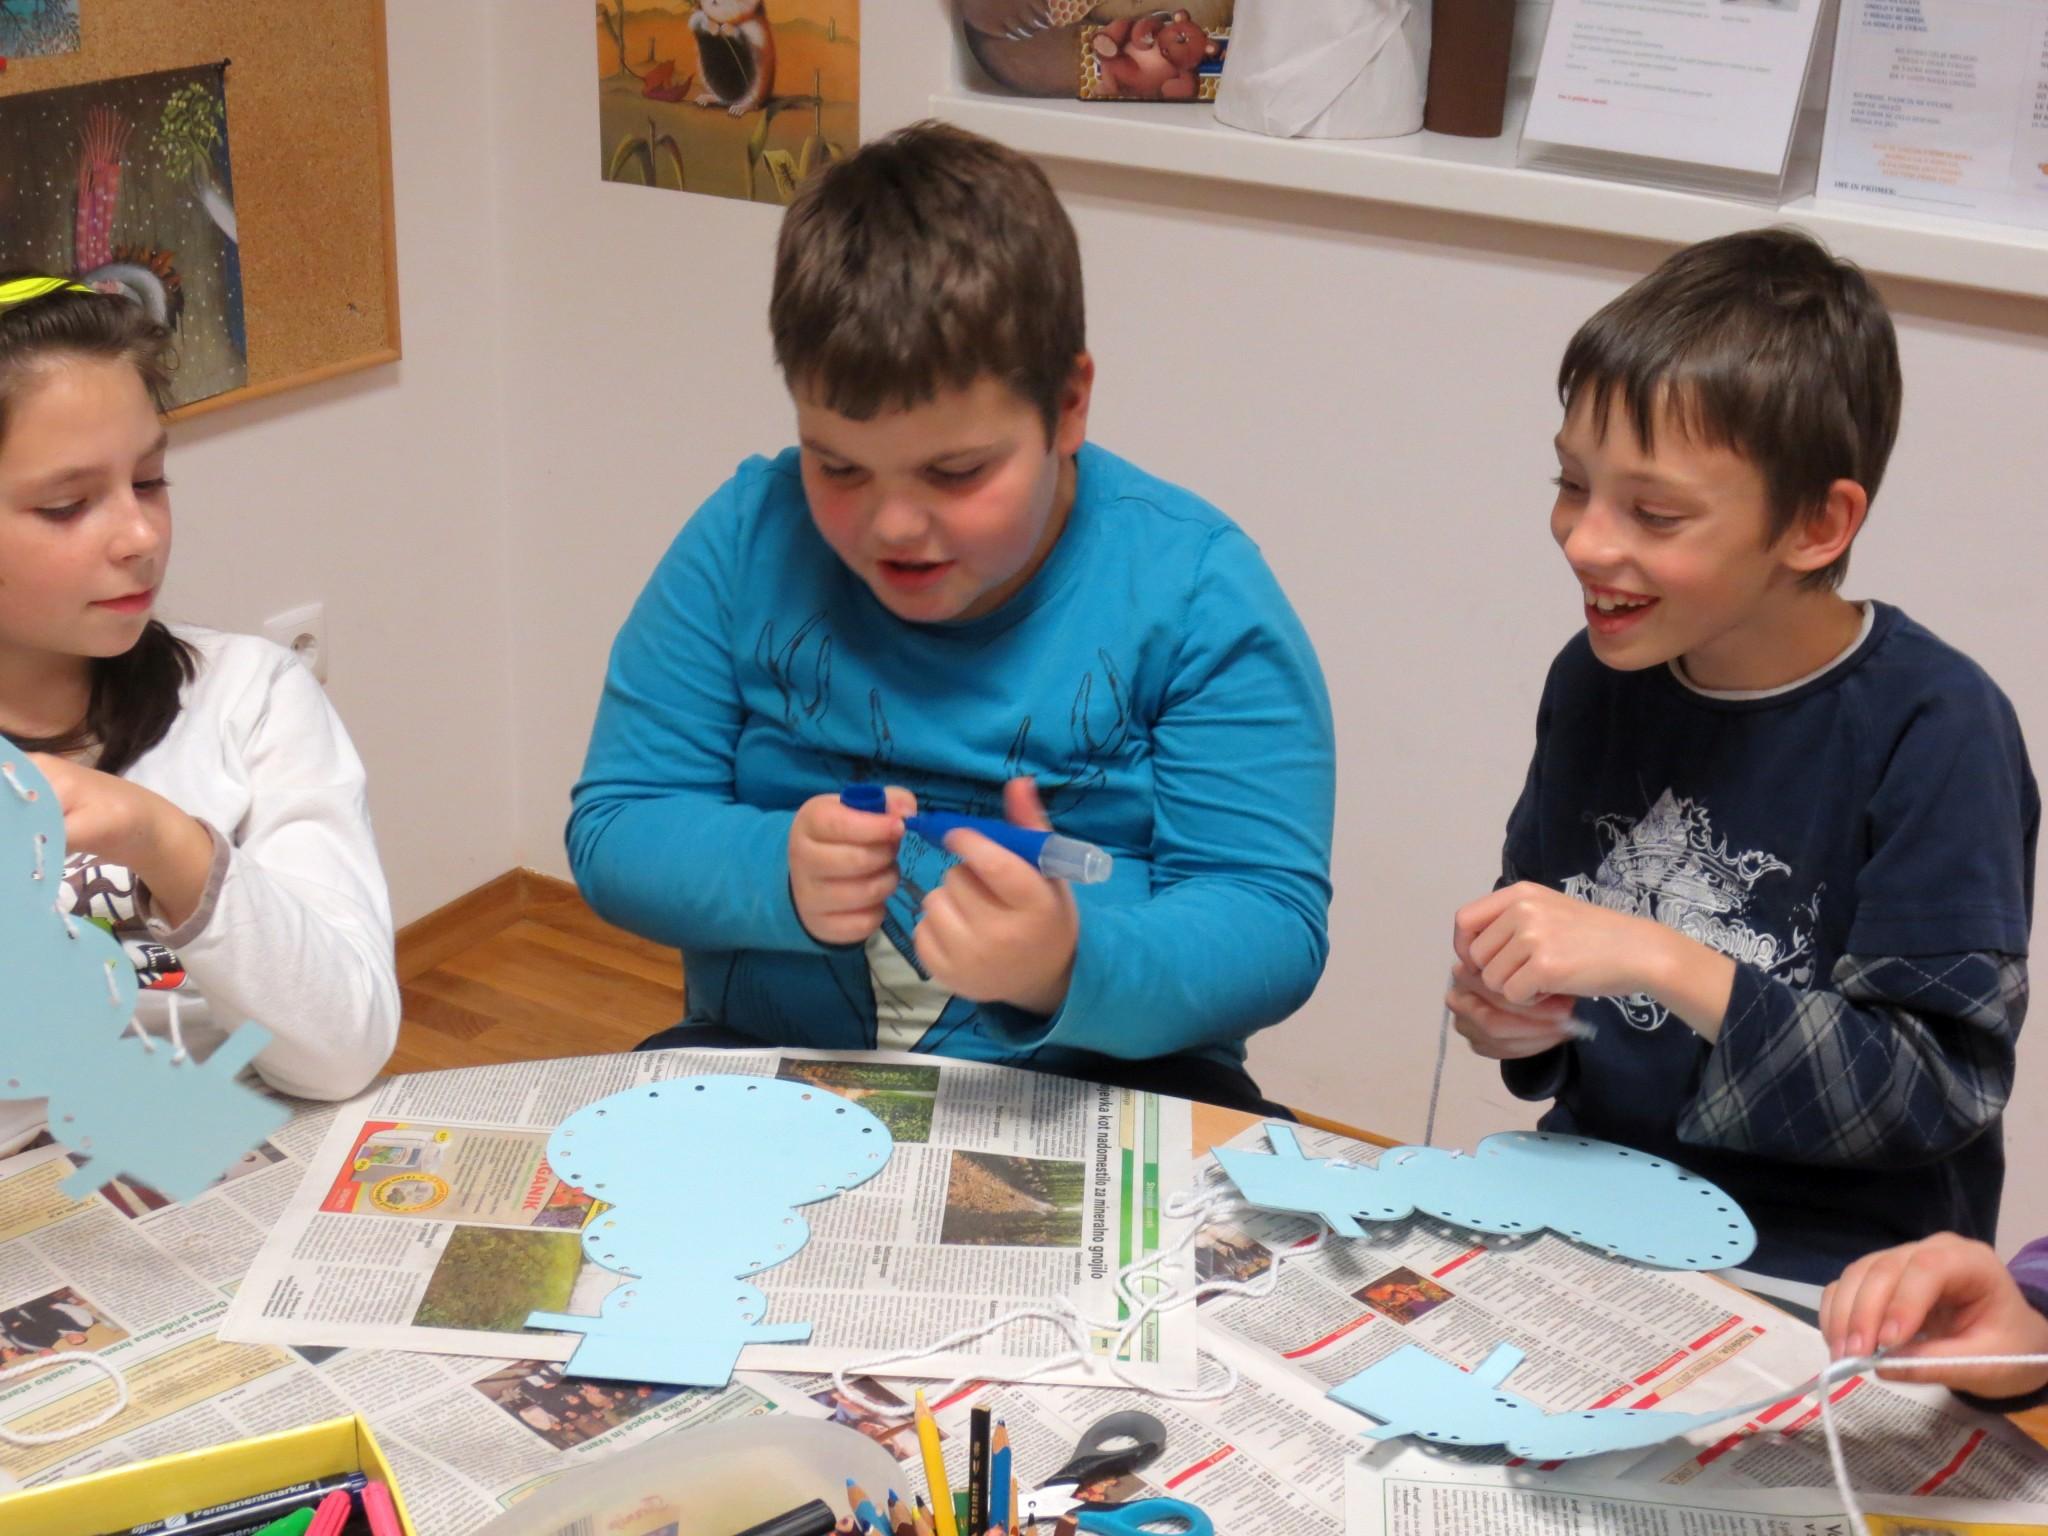 IMG 3385 - Pravljična ura in ustvarjalna delavnica za otroke od 4. leta dalje